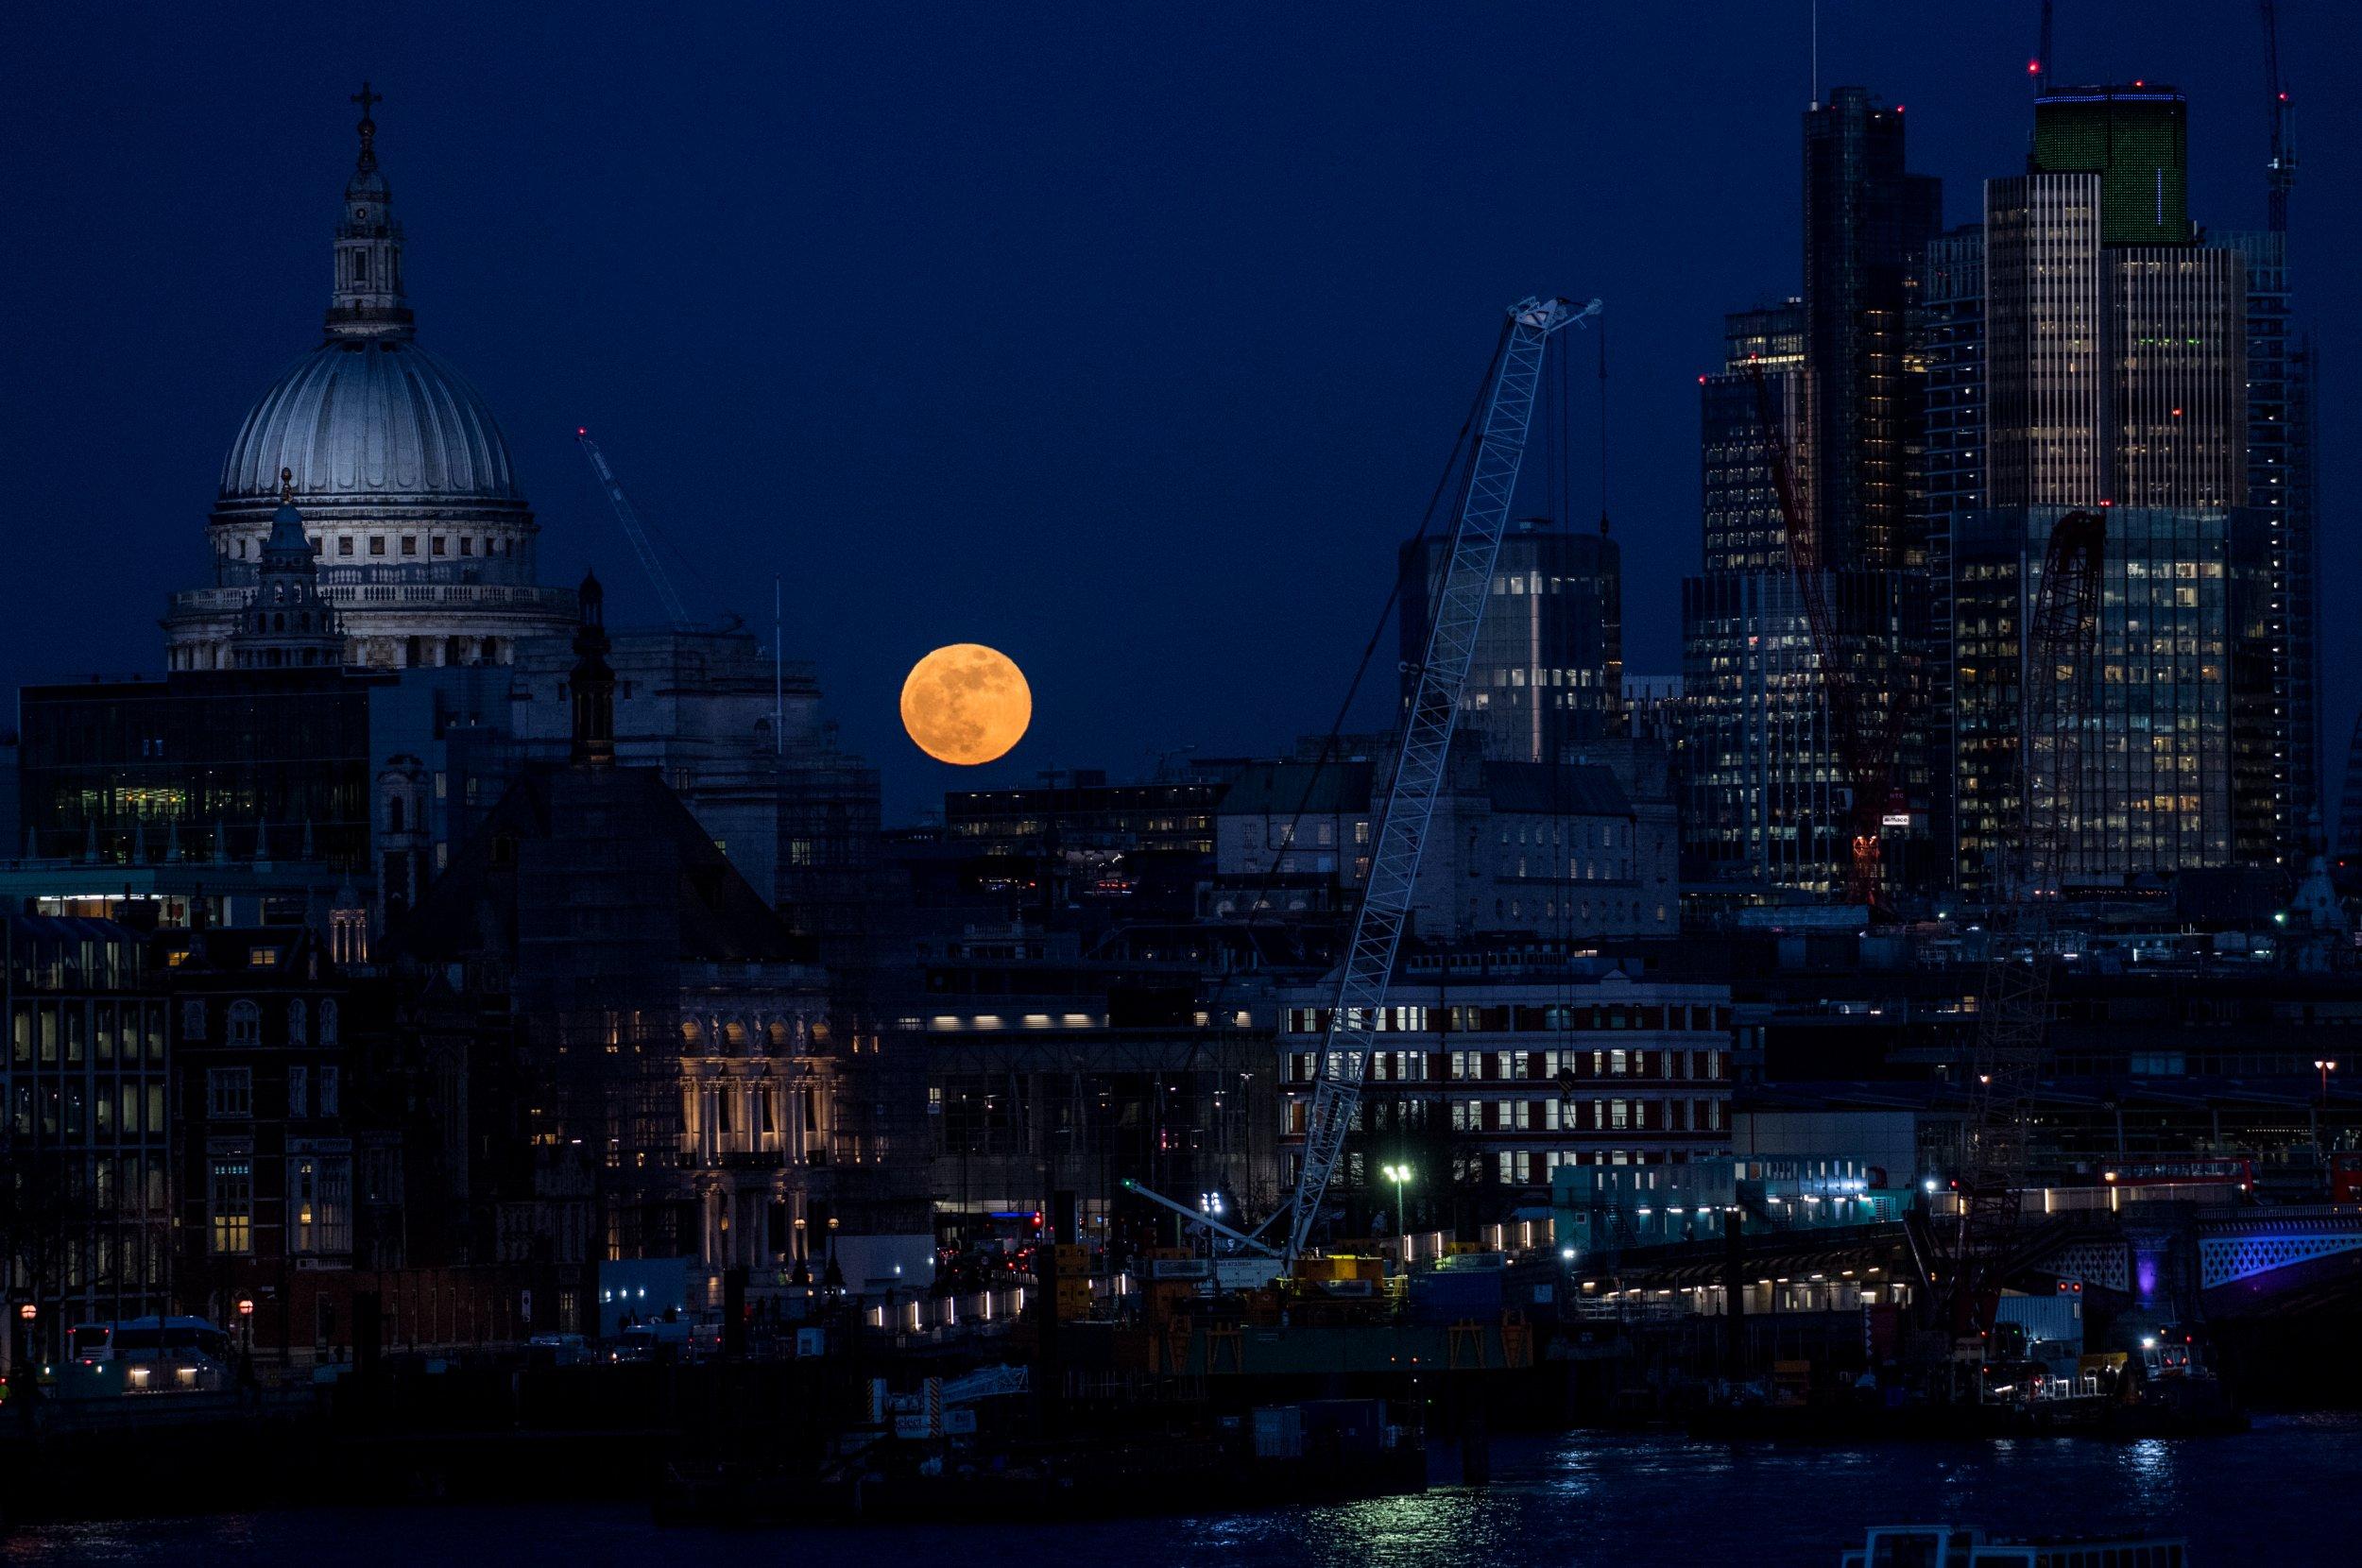 supermoon photo over london